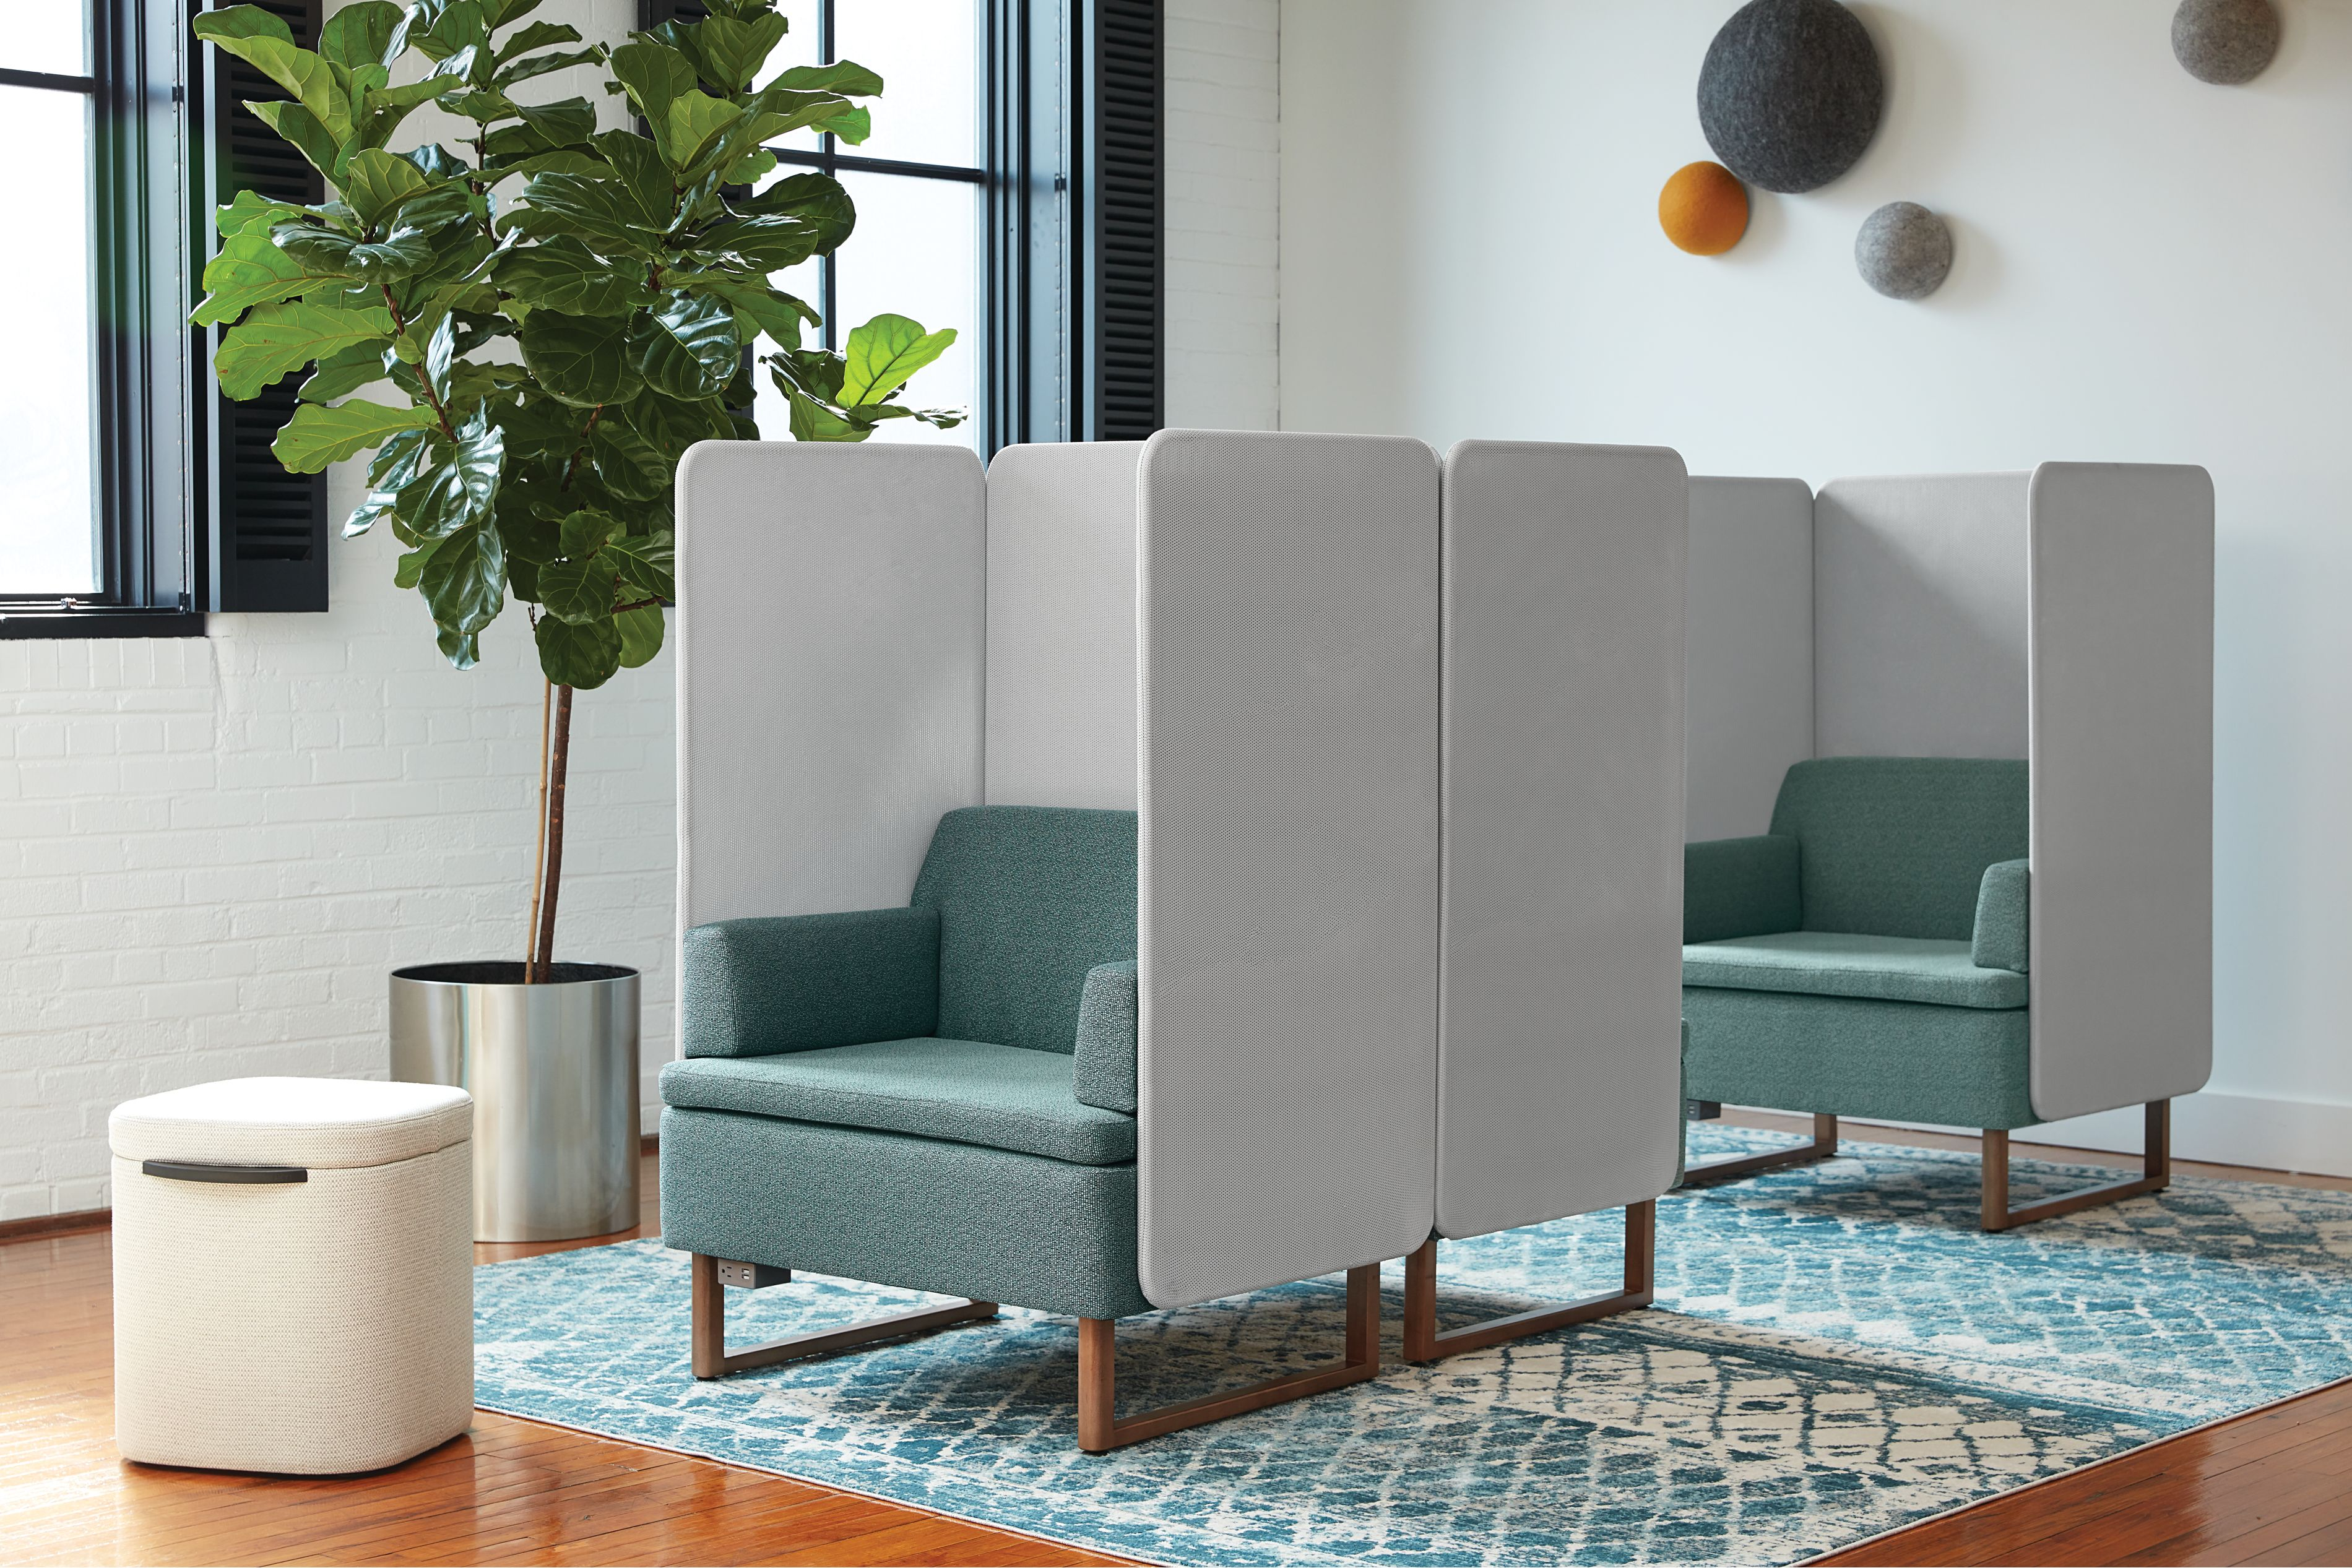 Astir lounge seating